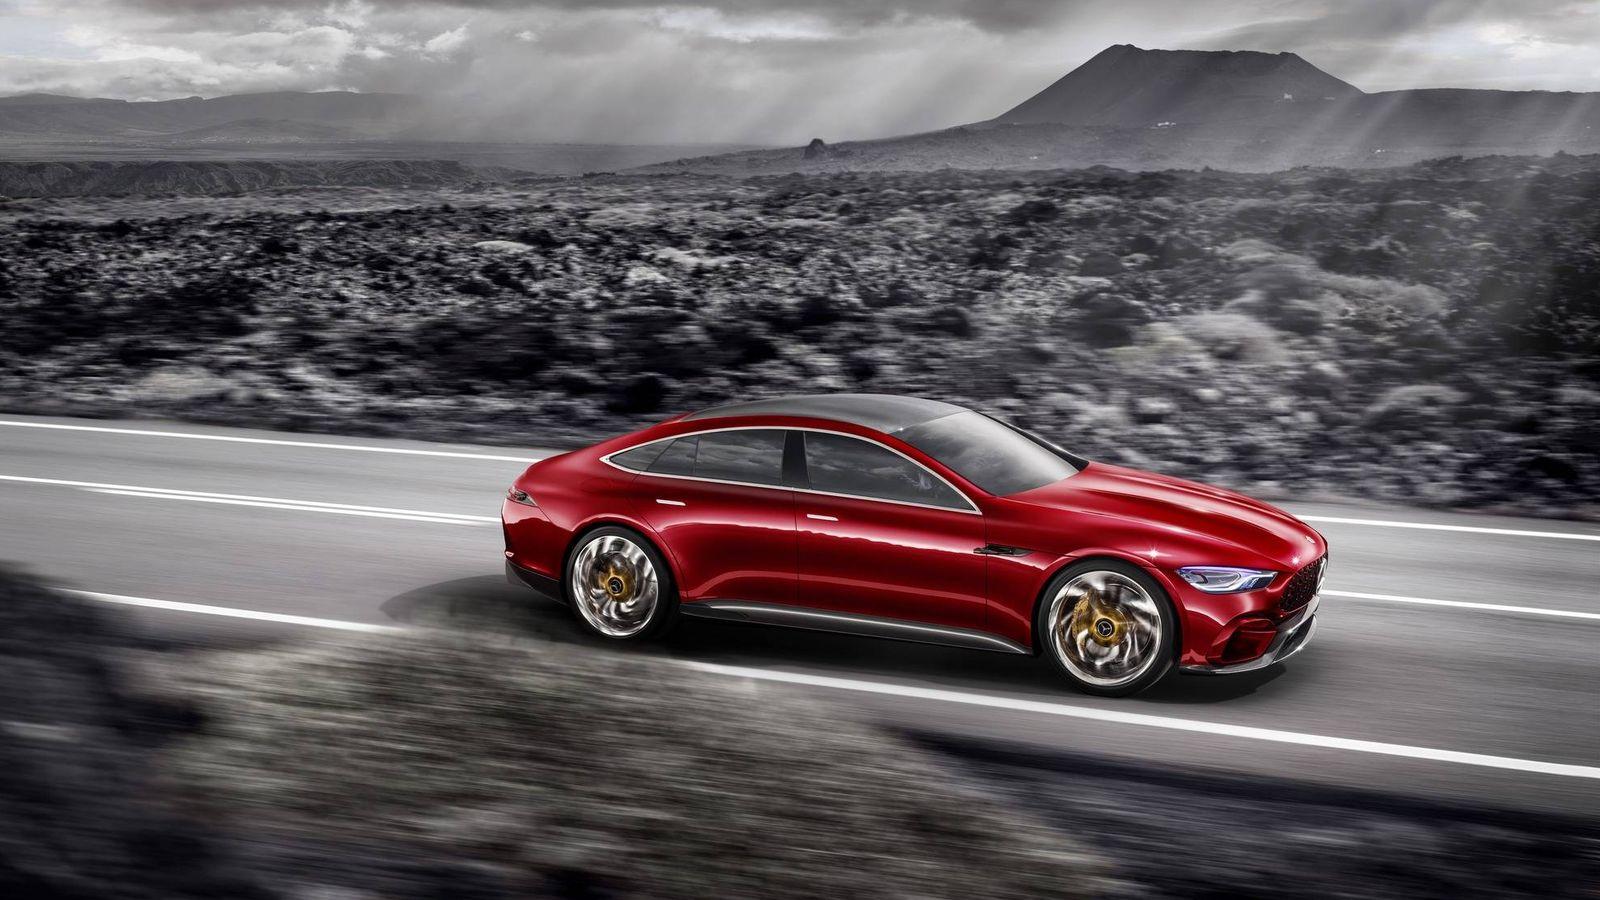 Foto: Mercedes-AMG GT Concept